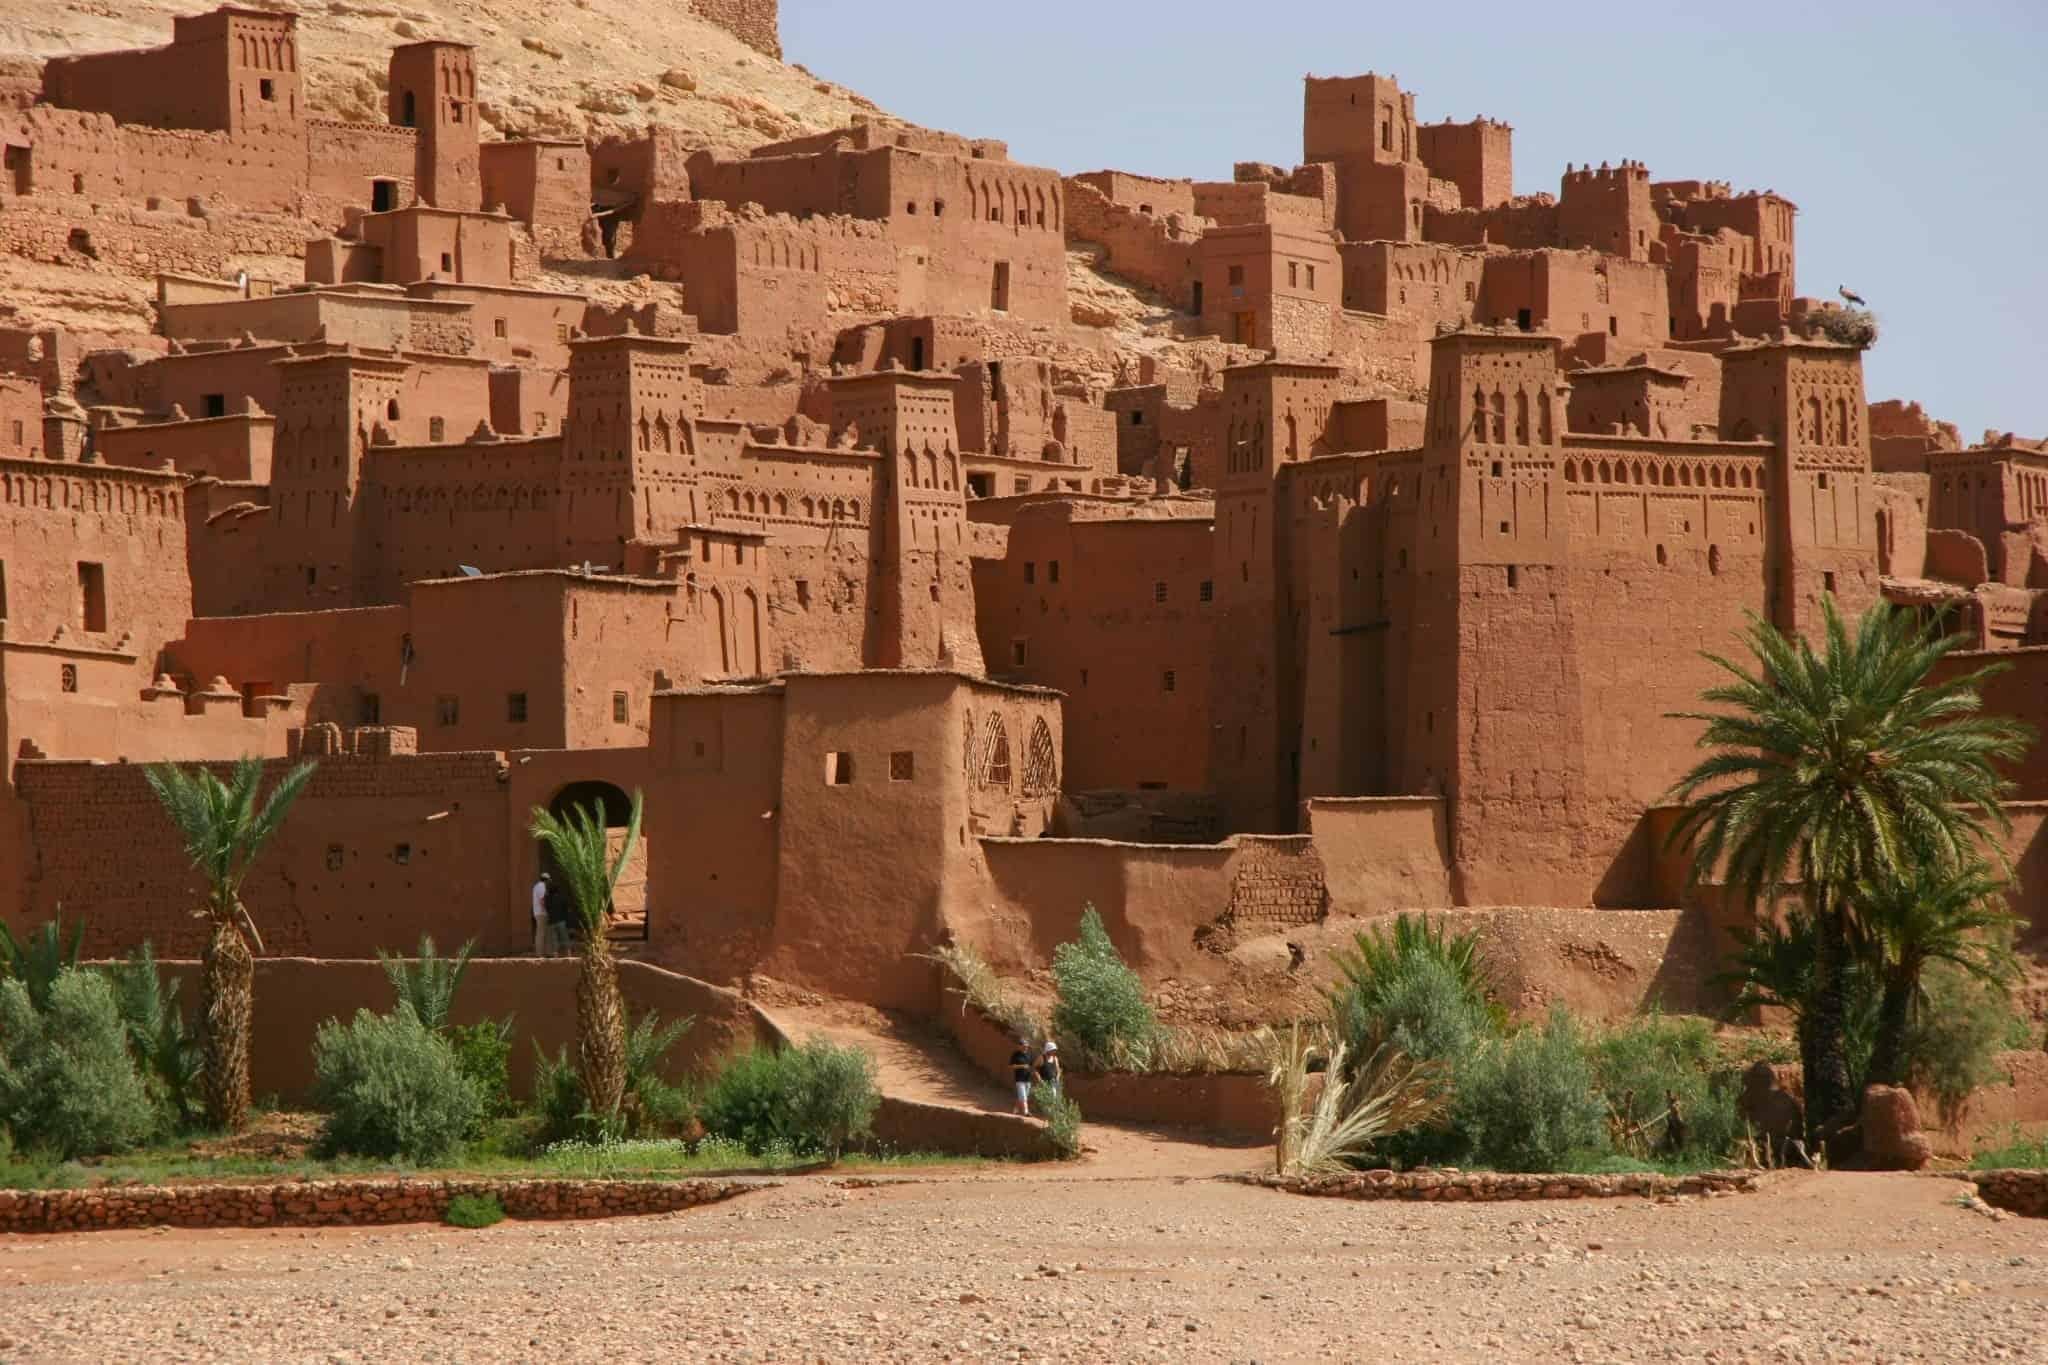 زيارة ورزازات و ايت بن حدو في المغرب